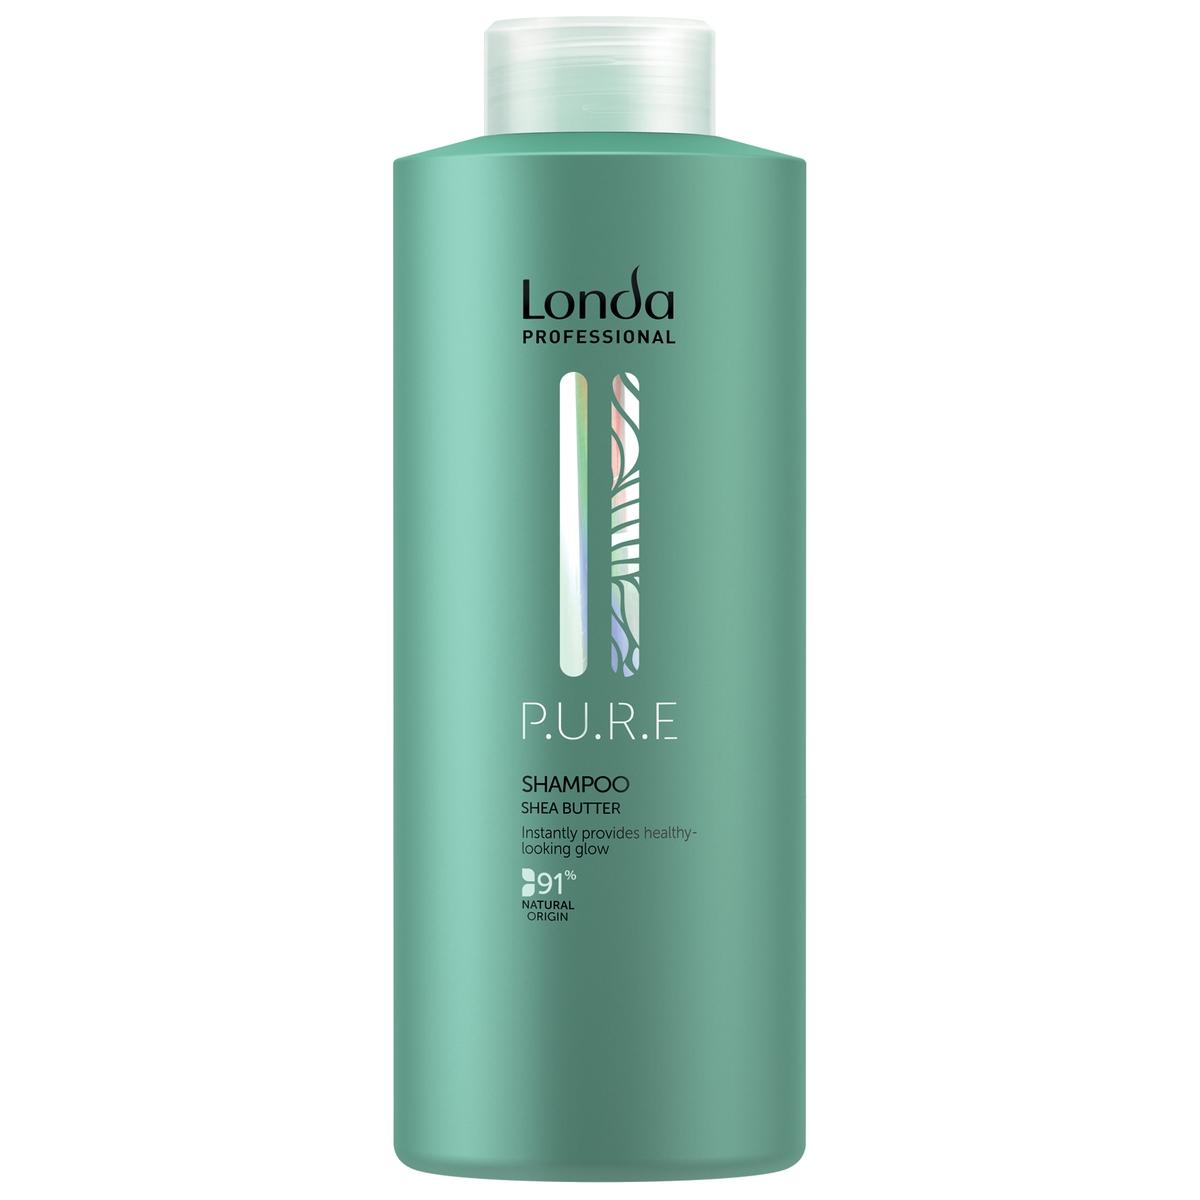 Купить Londa PURE шампунь 1000мл, Londa Professional